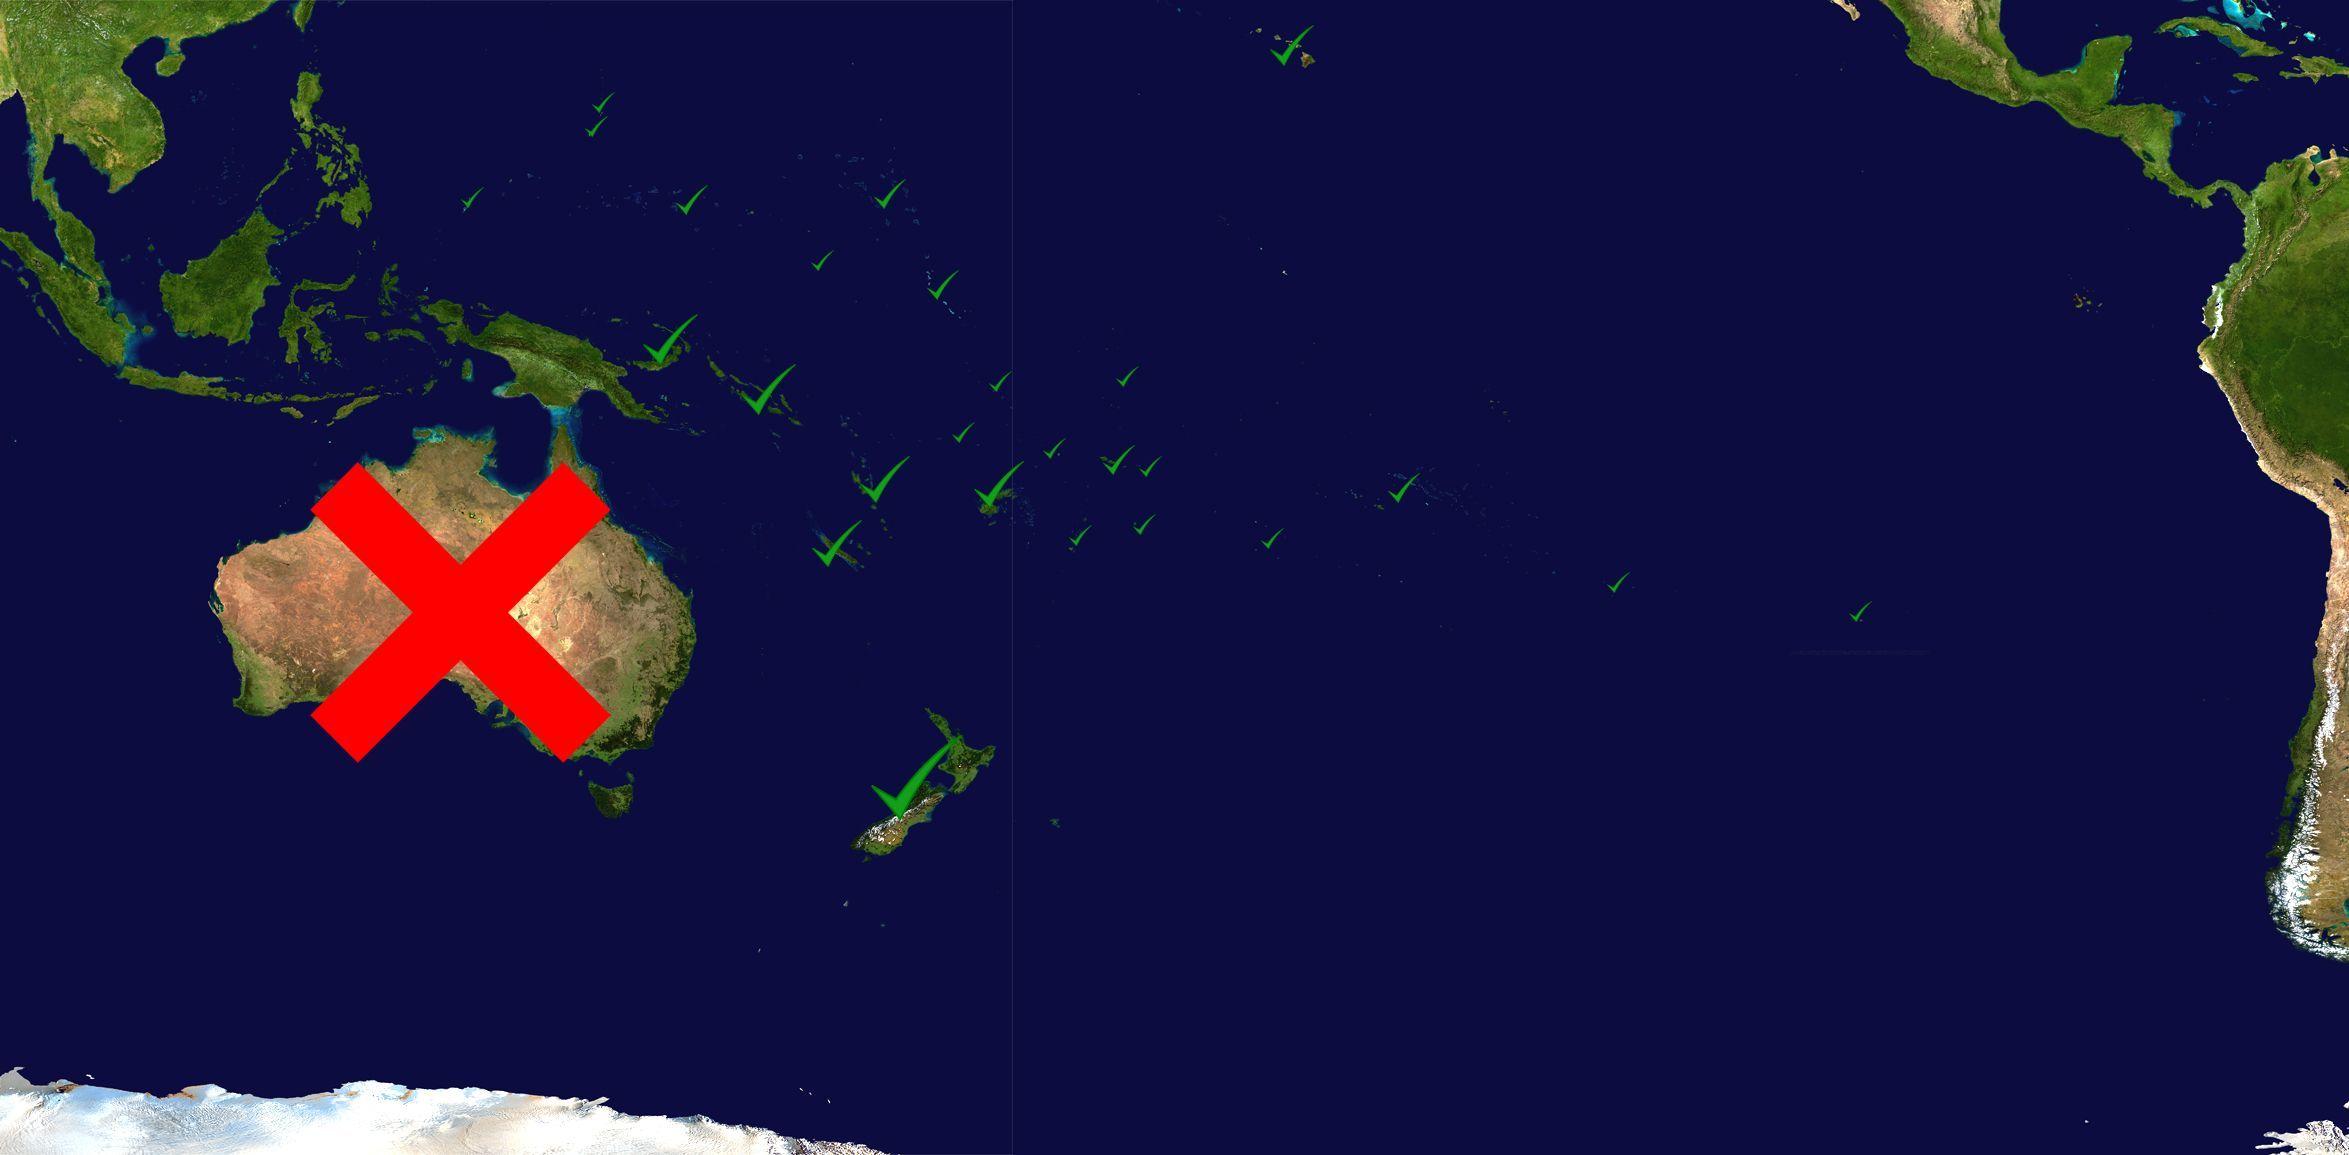 13743 - ¿Cuánto sabes de Oceanía más allá de Australia? [AVANZADO]